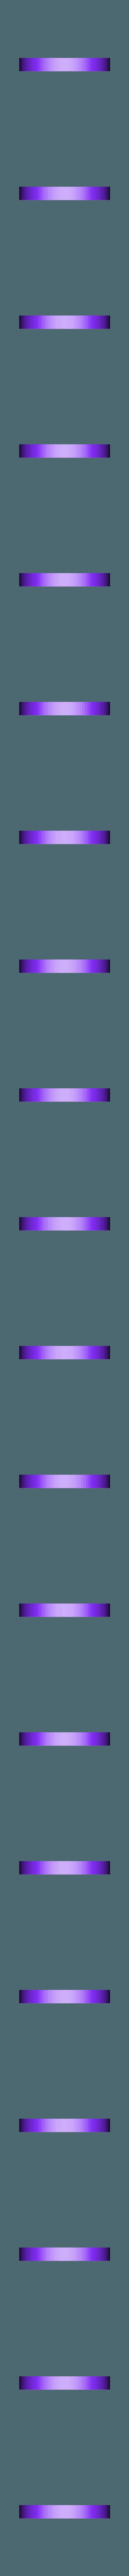 Snap ring.stl Download STL file Sugar dispenser • Object to 3D print, drsmyrke